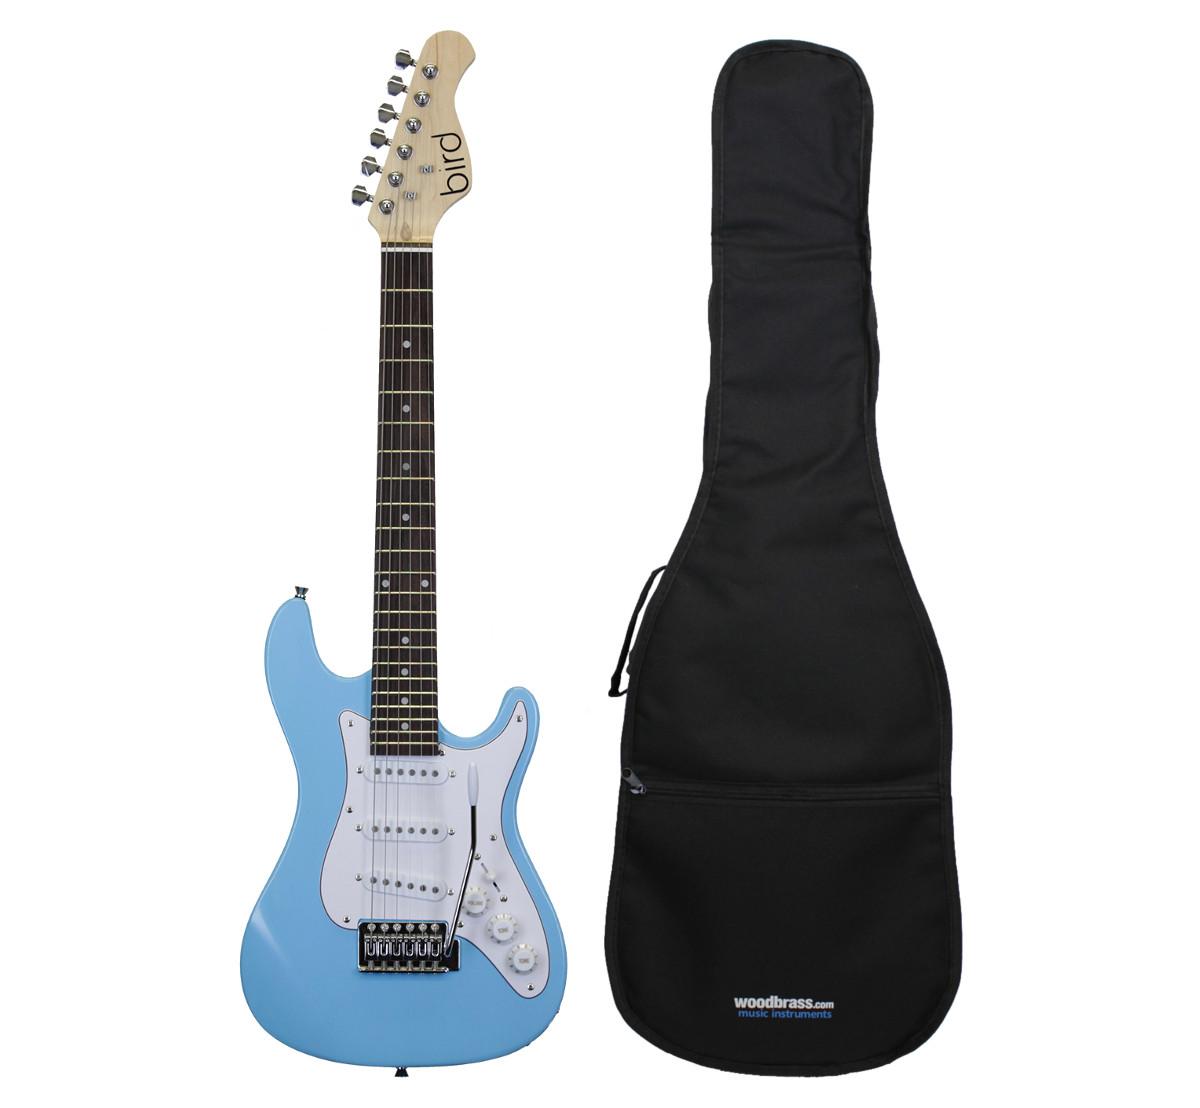 Bird Instruments Pack Stc20 Mini Blue + Egb10s